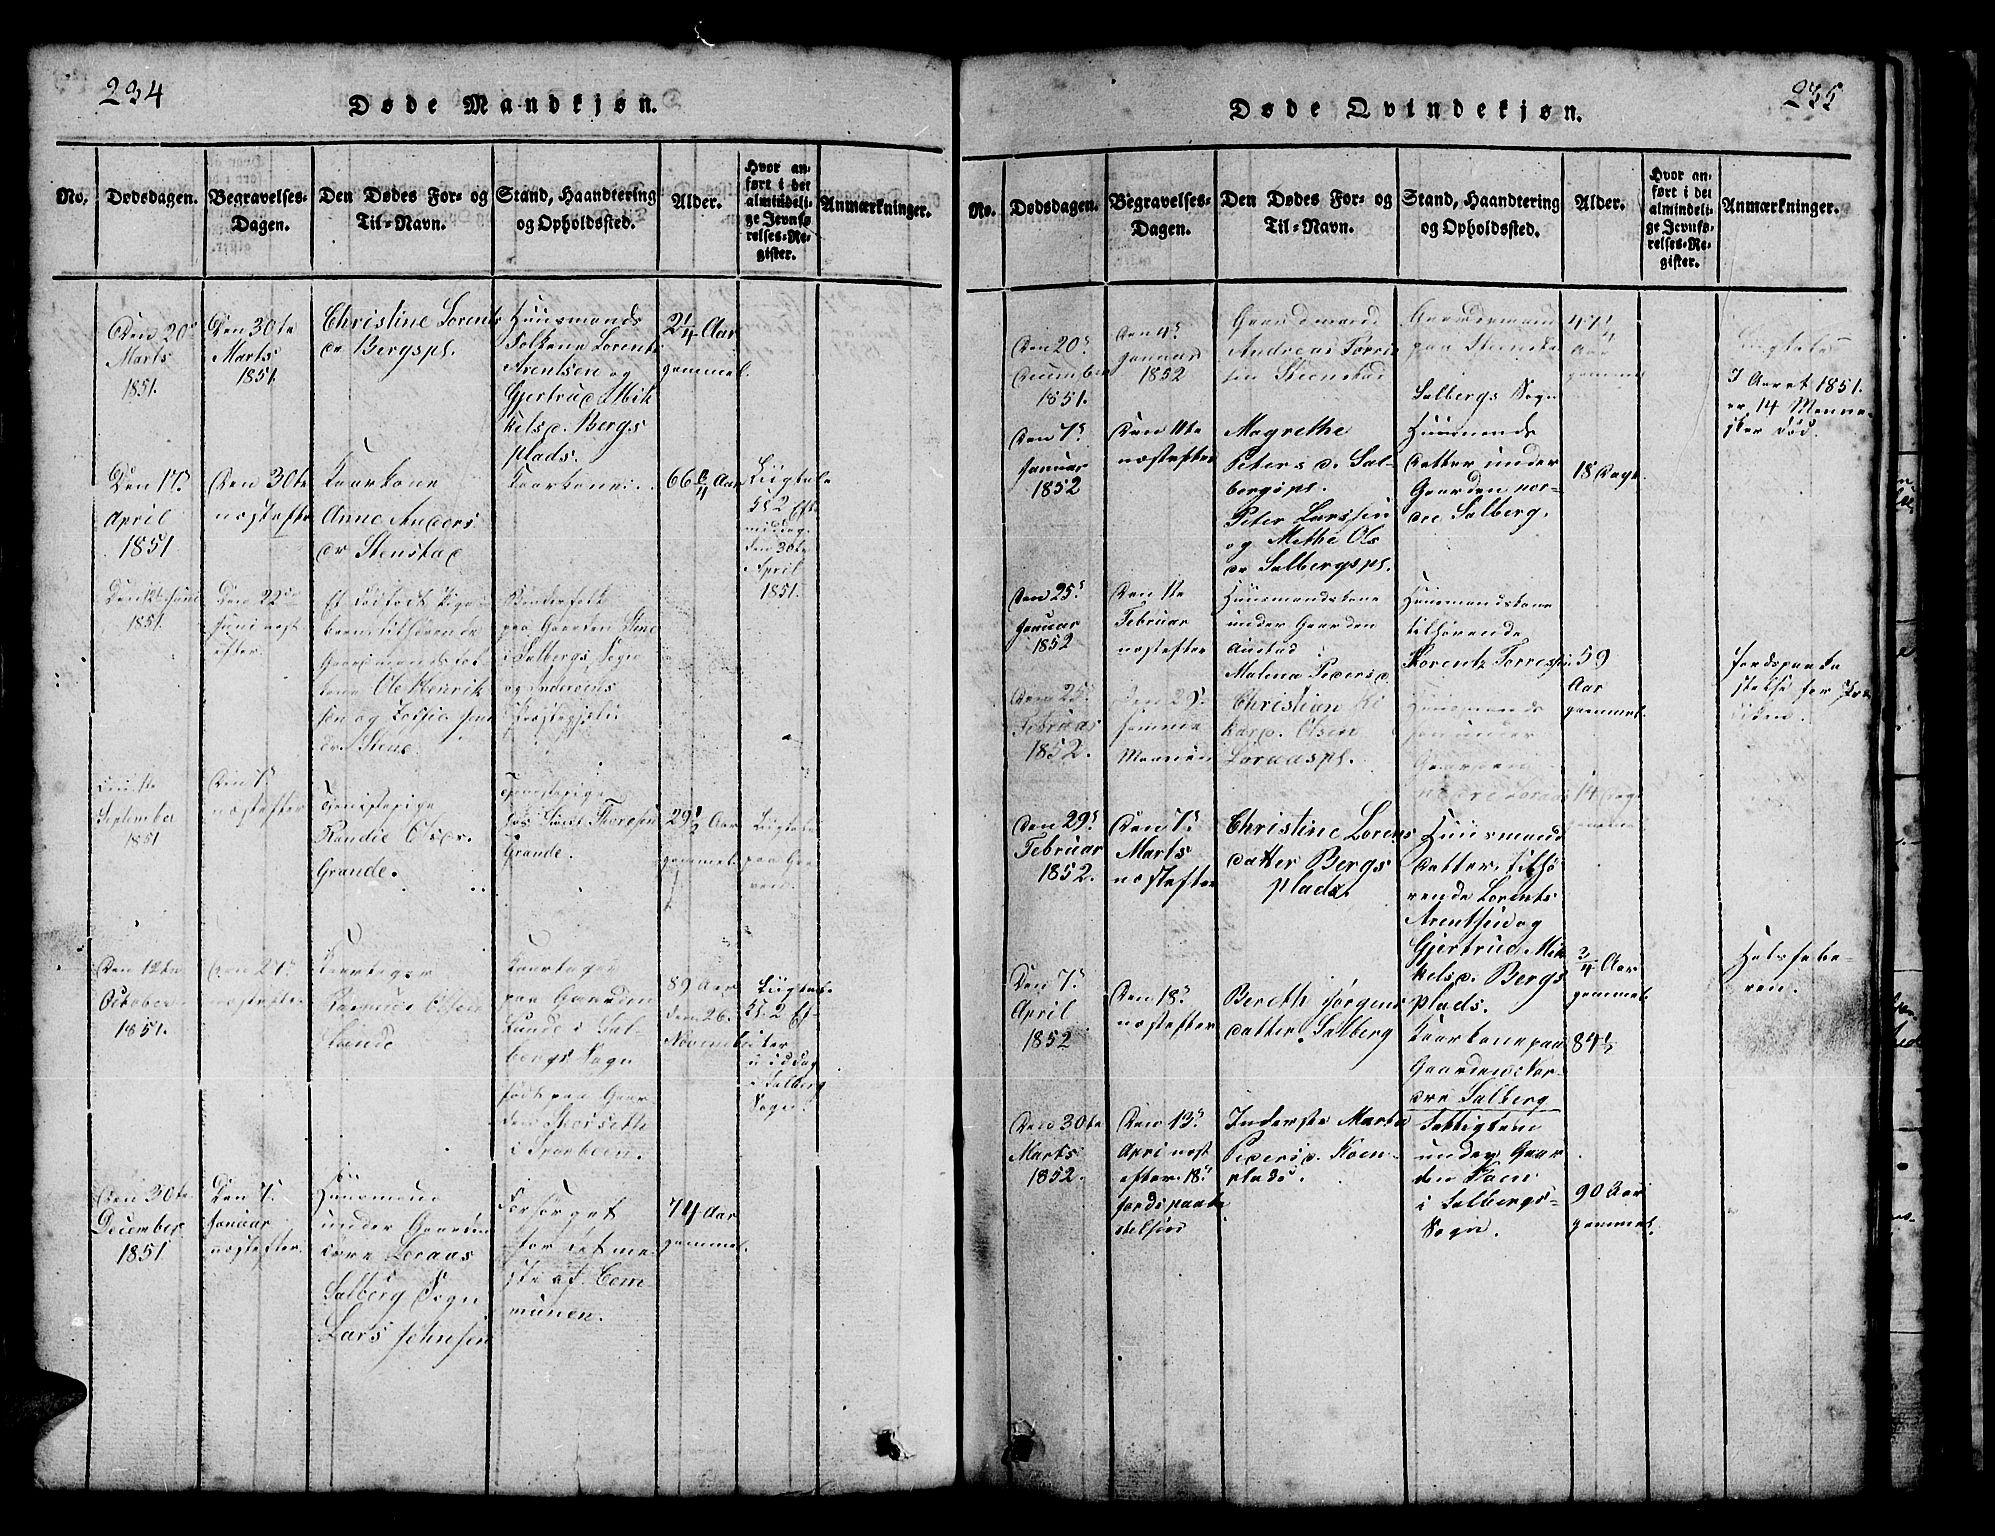 SAT, Ministerialprotokoller, klokkerbøker og fødselsregistre - Nord-Trøndelag, 731/L0310: Klokkerbok nr. 731C01, 1816-1874, s. 234-235